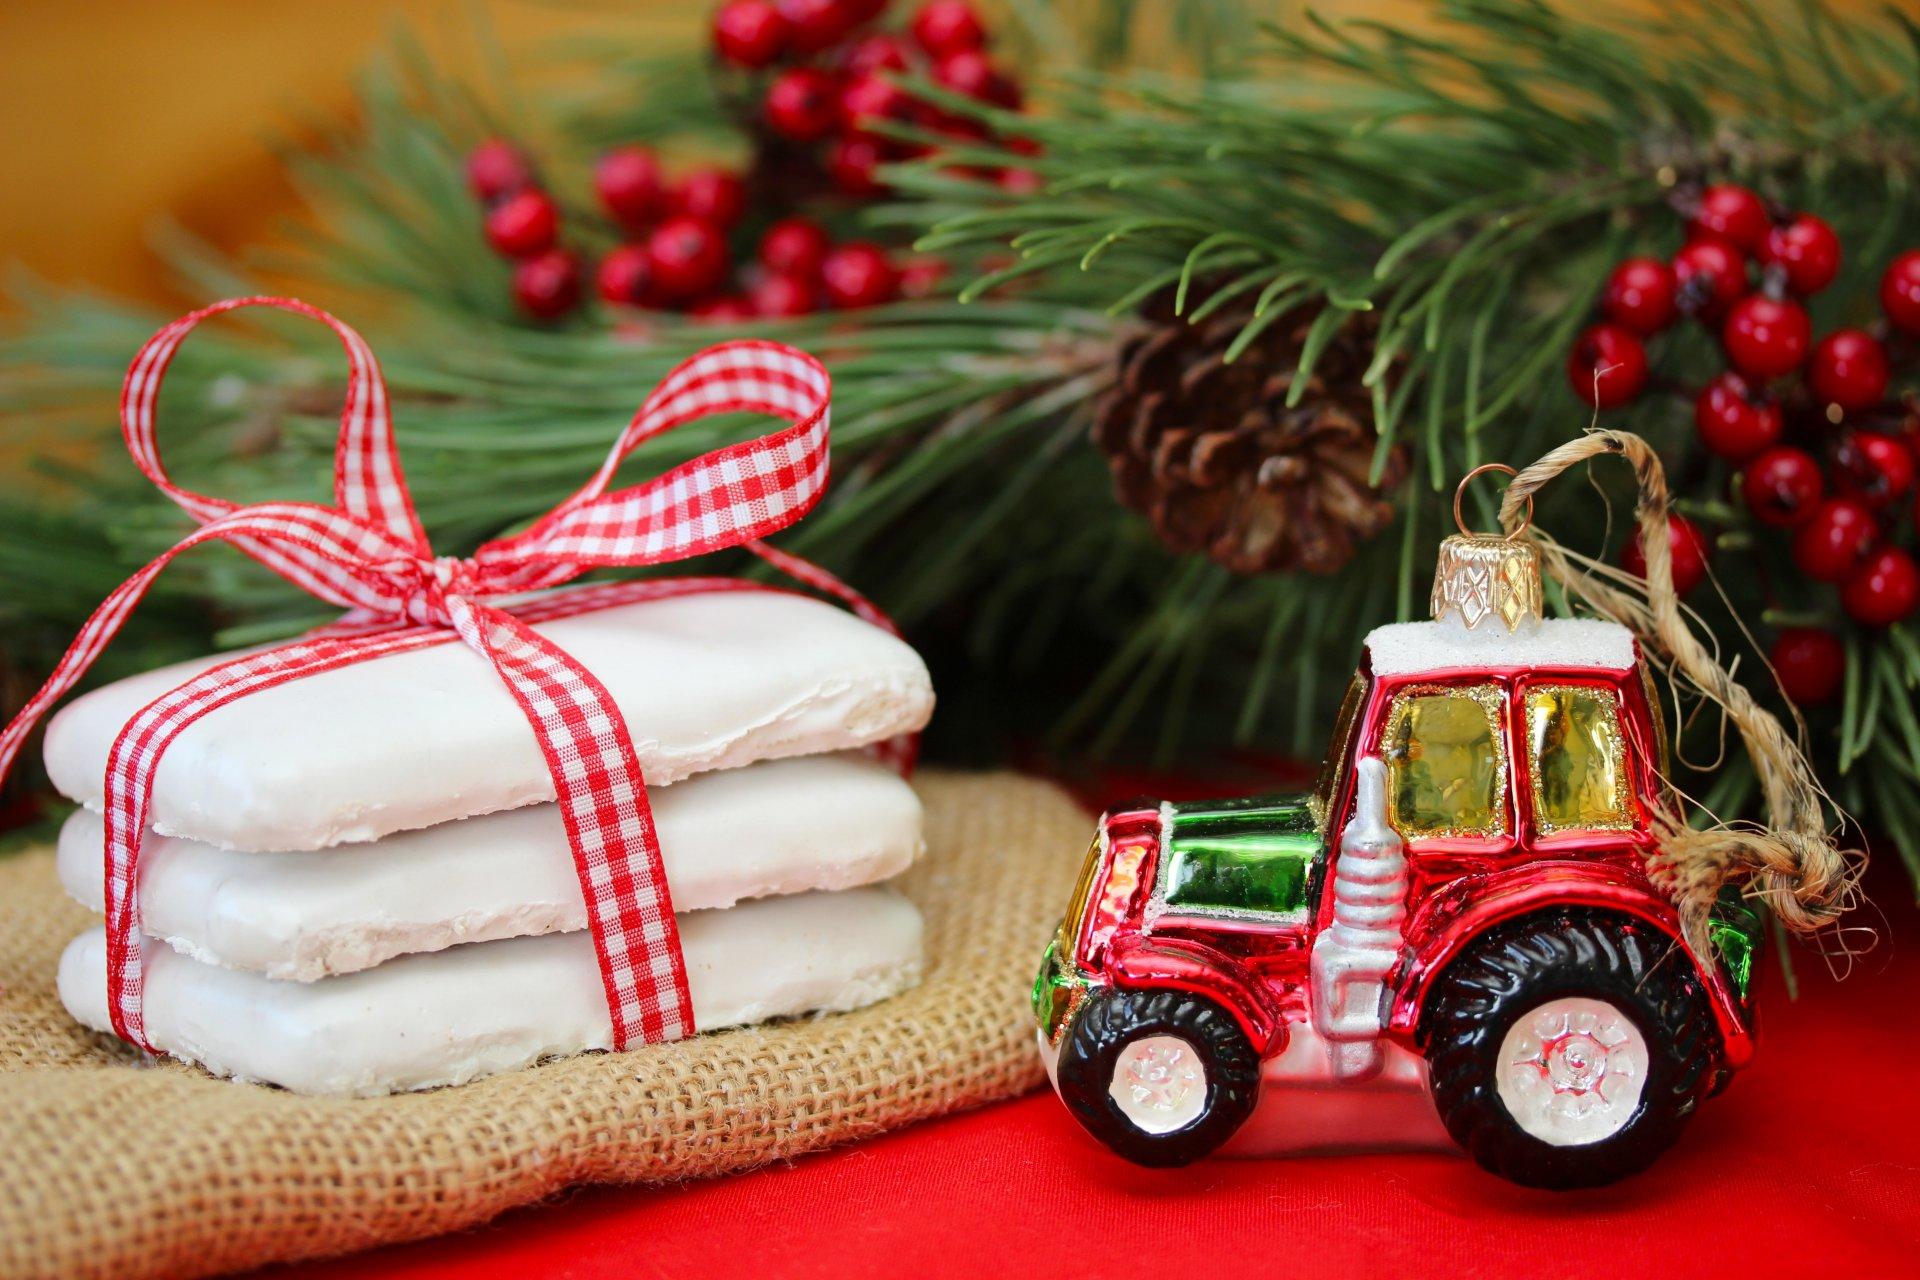 дочурка подарок на новый год картинки игрушки давай переезда заедем